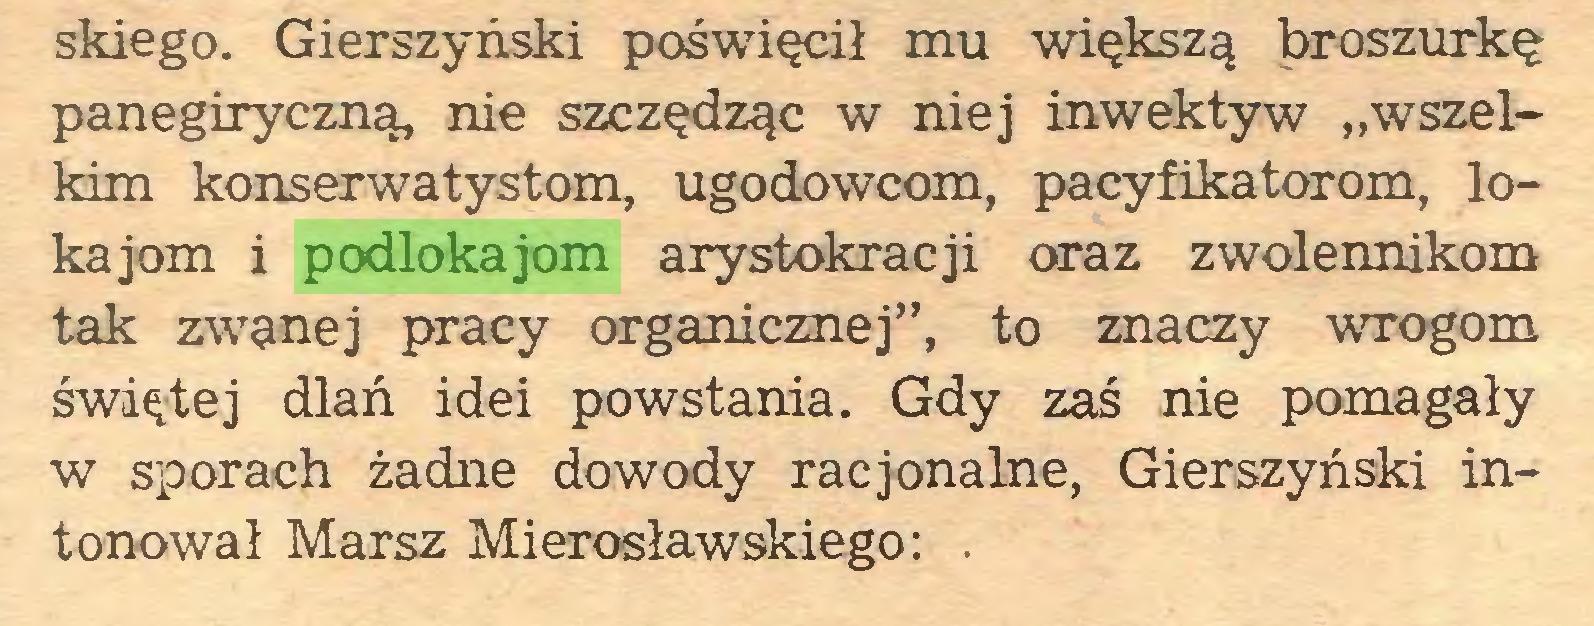 """(...) skiego. Gierszyński poświęcił mu większą broszurkę panegiryczną, nie szczędząc w niej inwektyw """"wszelkim konserwatystom, ugodowcom, pacyfikatorom, lokajom i podlokajom arystokracji oraz zwolennikom tak zwanej pracy organicznej"""", to znaczy wrogom świętej dlań idei powstania. Gdy zaś nie pomagały w sporach żadne dowody racjonalne, Gierszyński intonował Marsz Mierosławskiego: ..."""